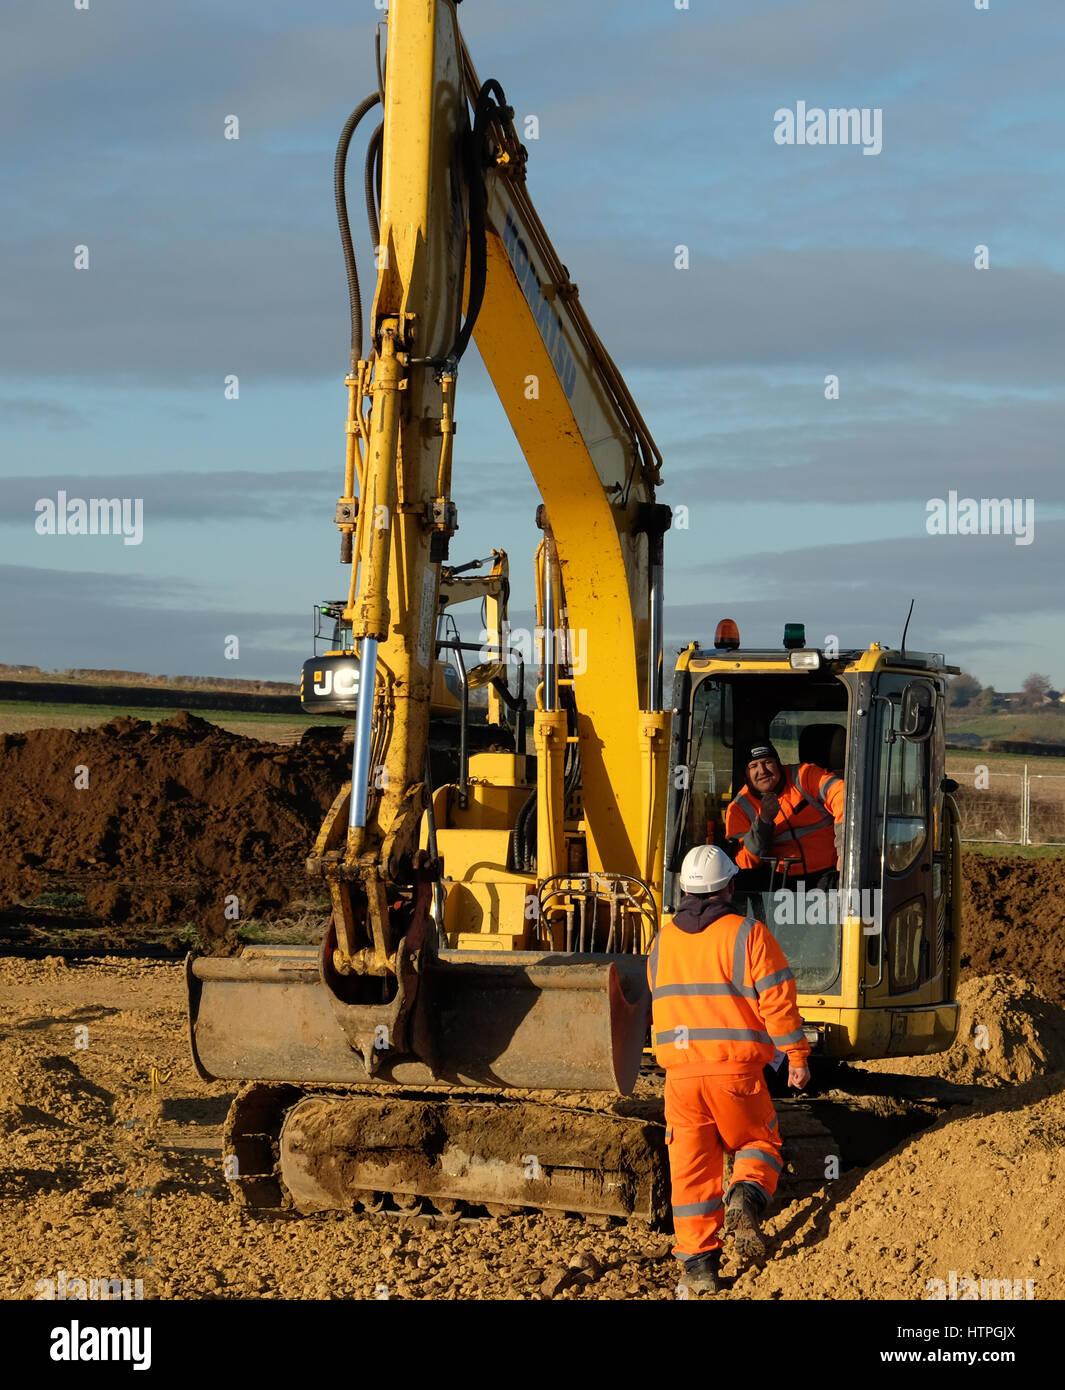 La machinerie lourde utilisée dans la préparation de la terre pour la construction de maisons, Grantham, Photo Stock